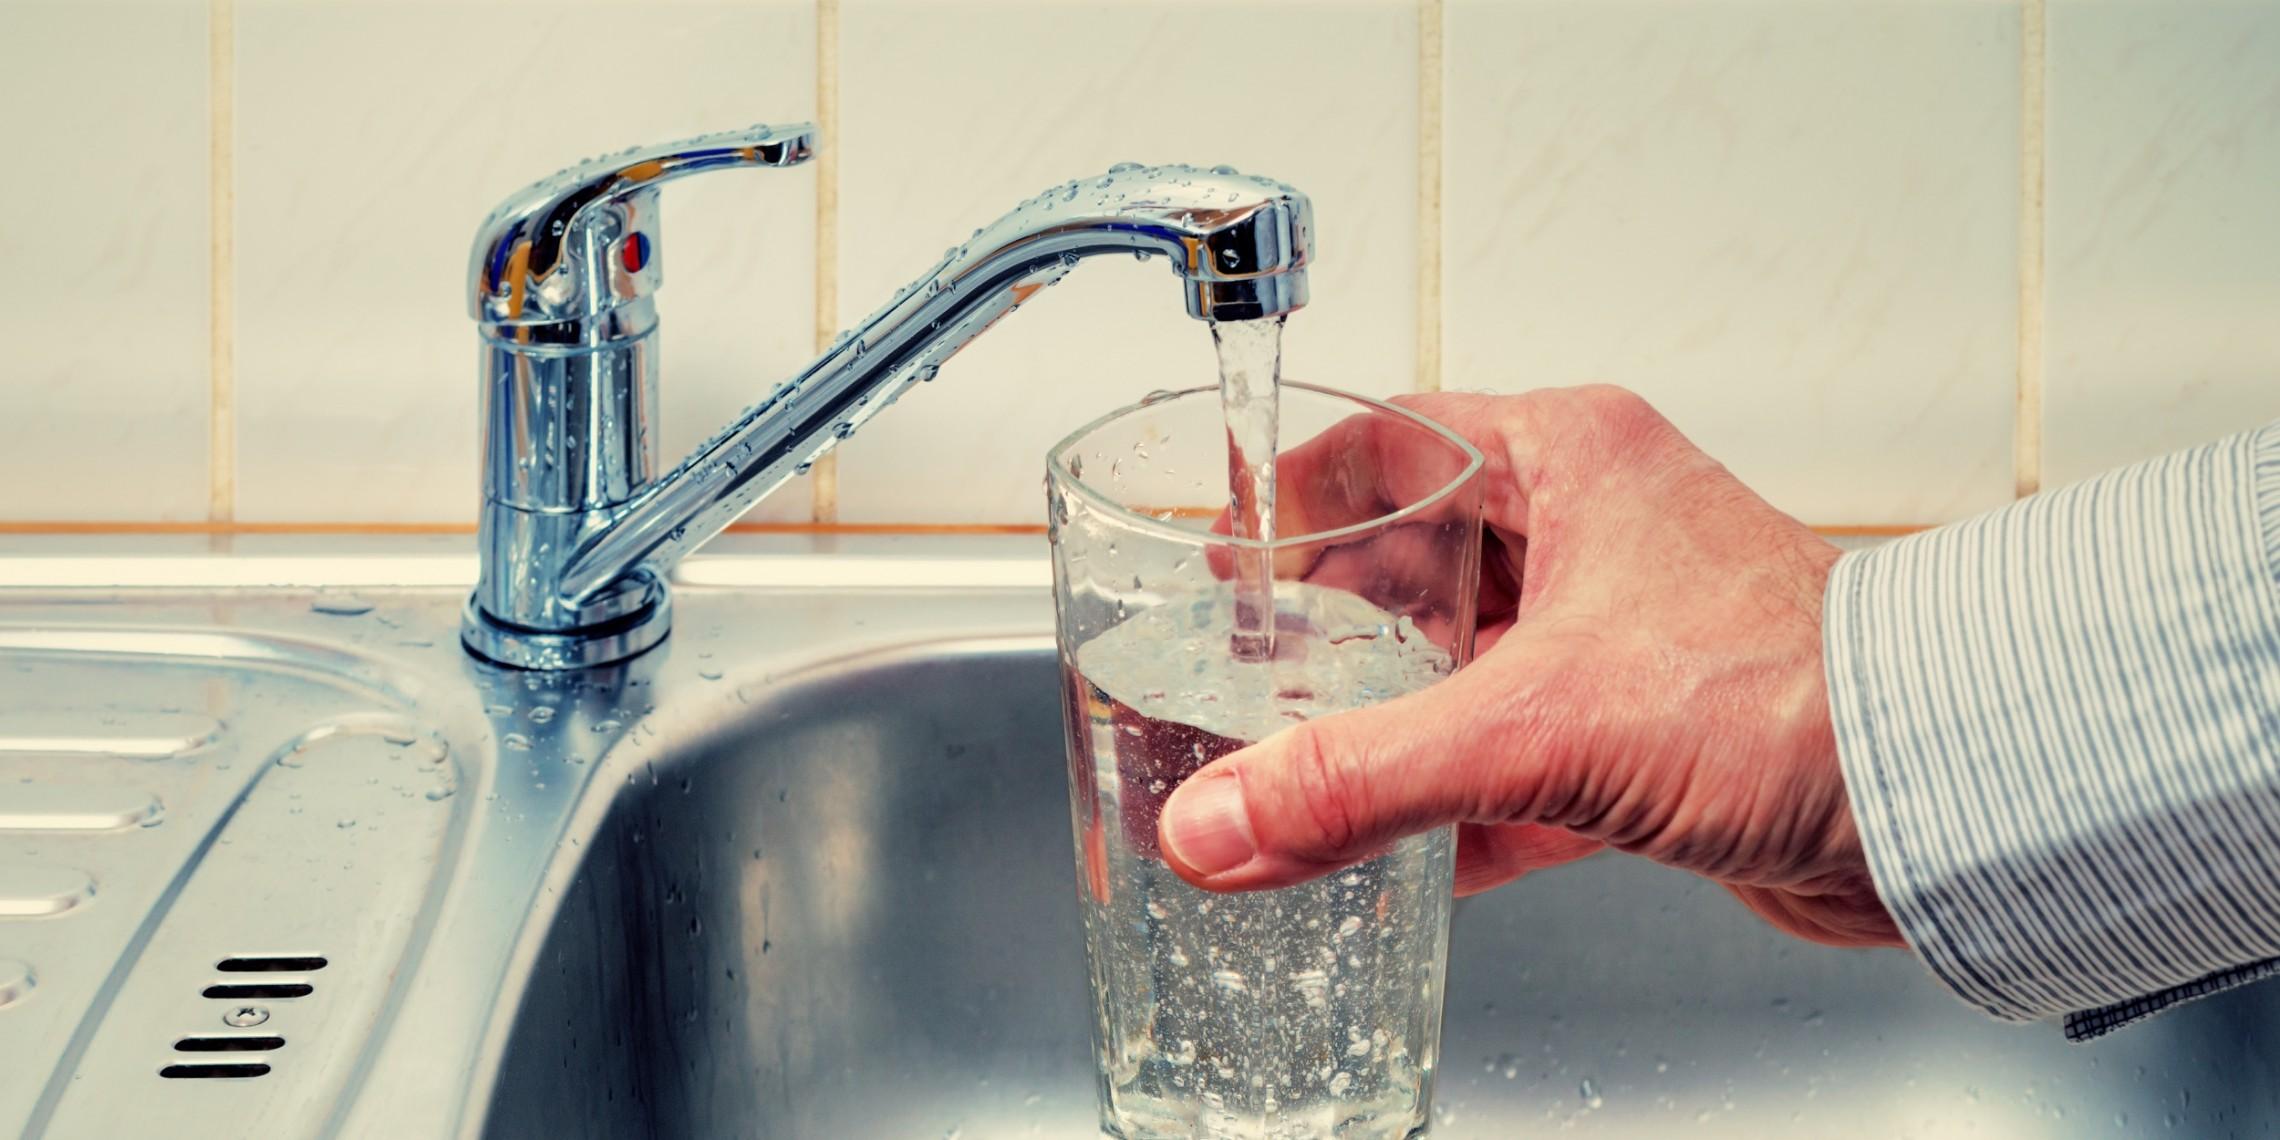 Почему вода из крана идет рывками в квартире